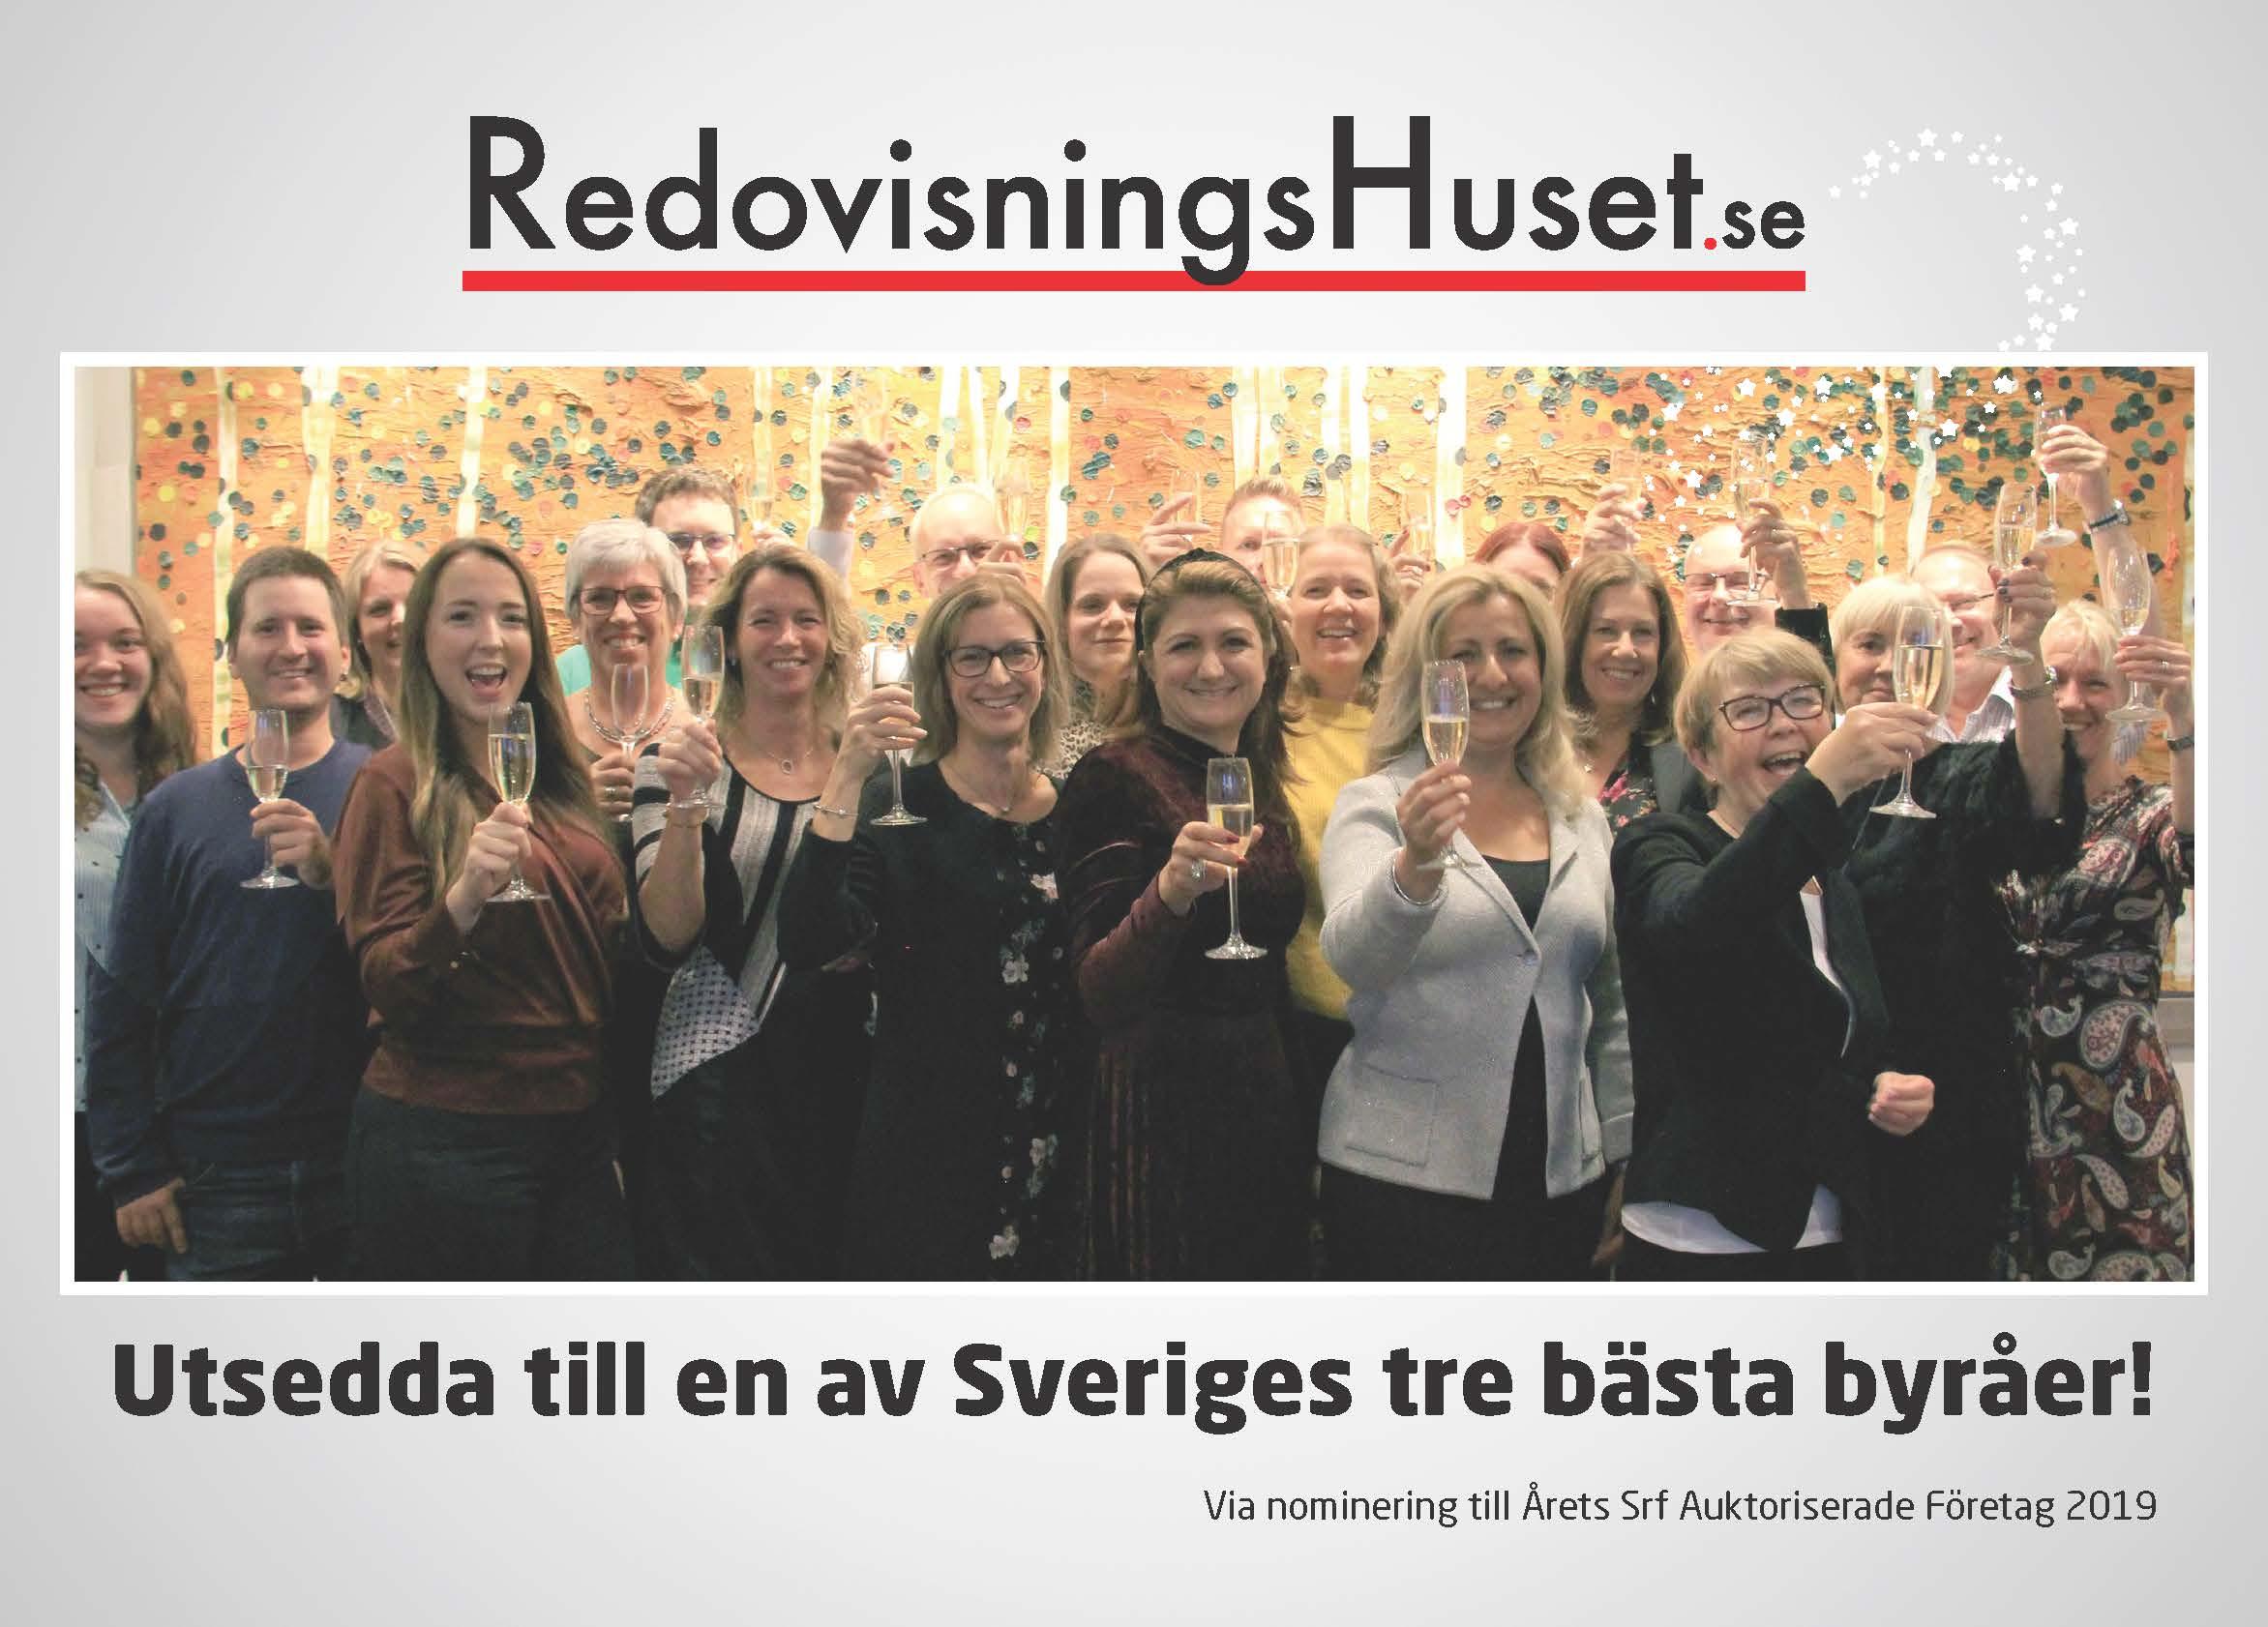 RedovisningsHuset i Södertälje är en av Sveriges 3 bästa byråer 2019 enligt Srf!